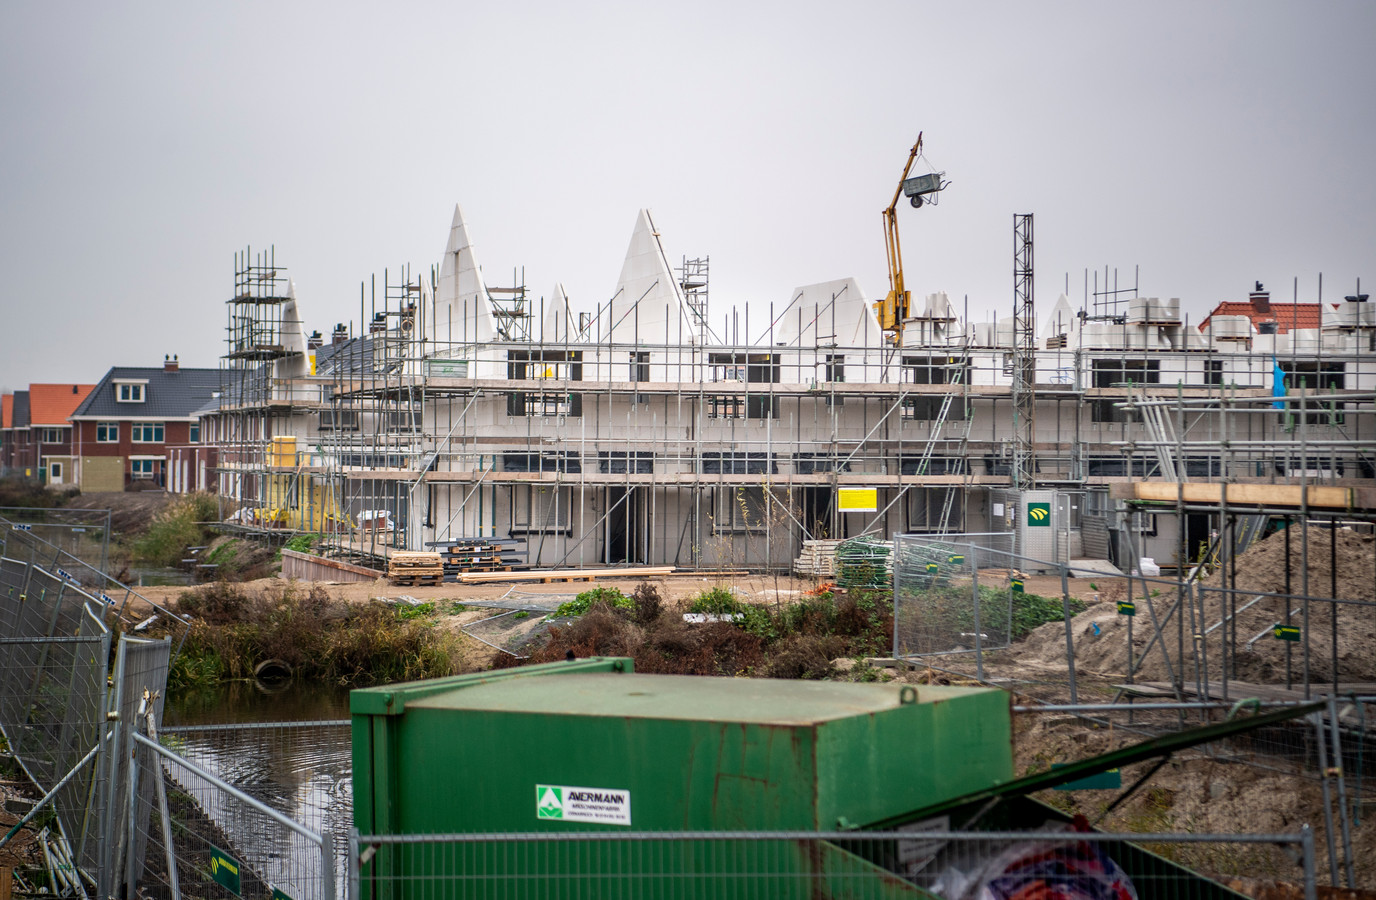 Inwoners van Zuidplas krijgen bij het Vijfde Dorp geen voorrang bij een nieuw huis. Er wordt al volop gebouwd in de wijk Esse Zoom.